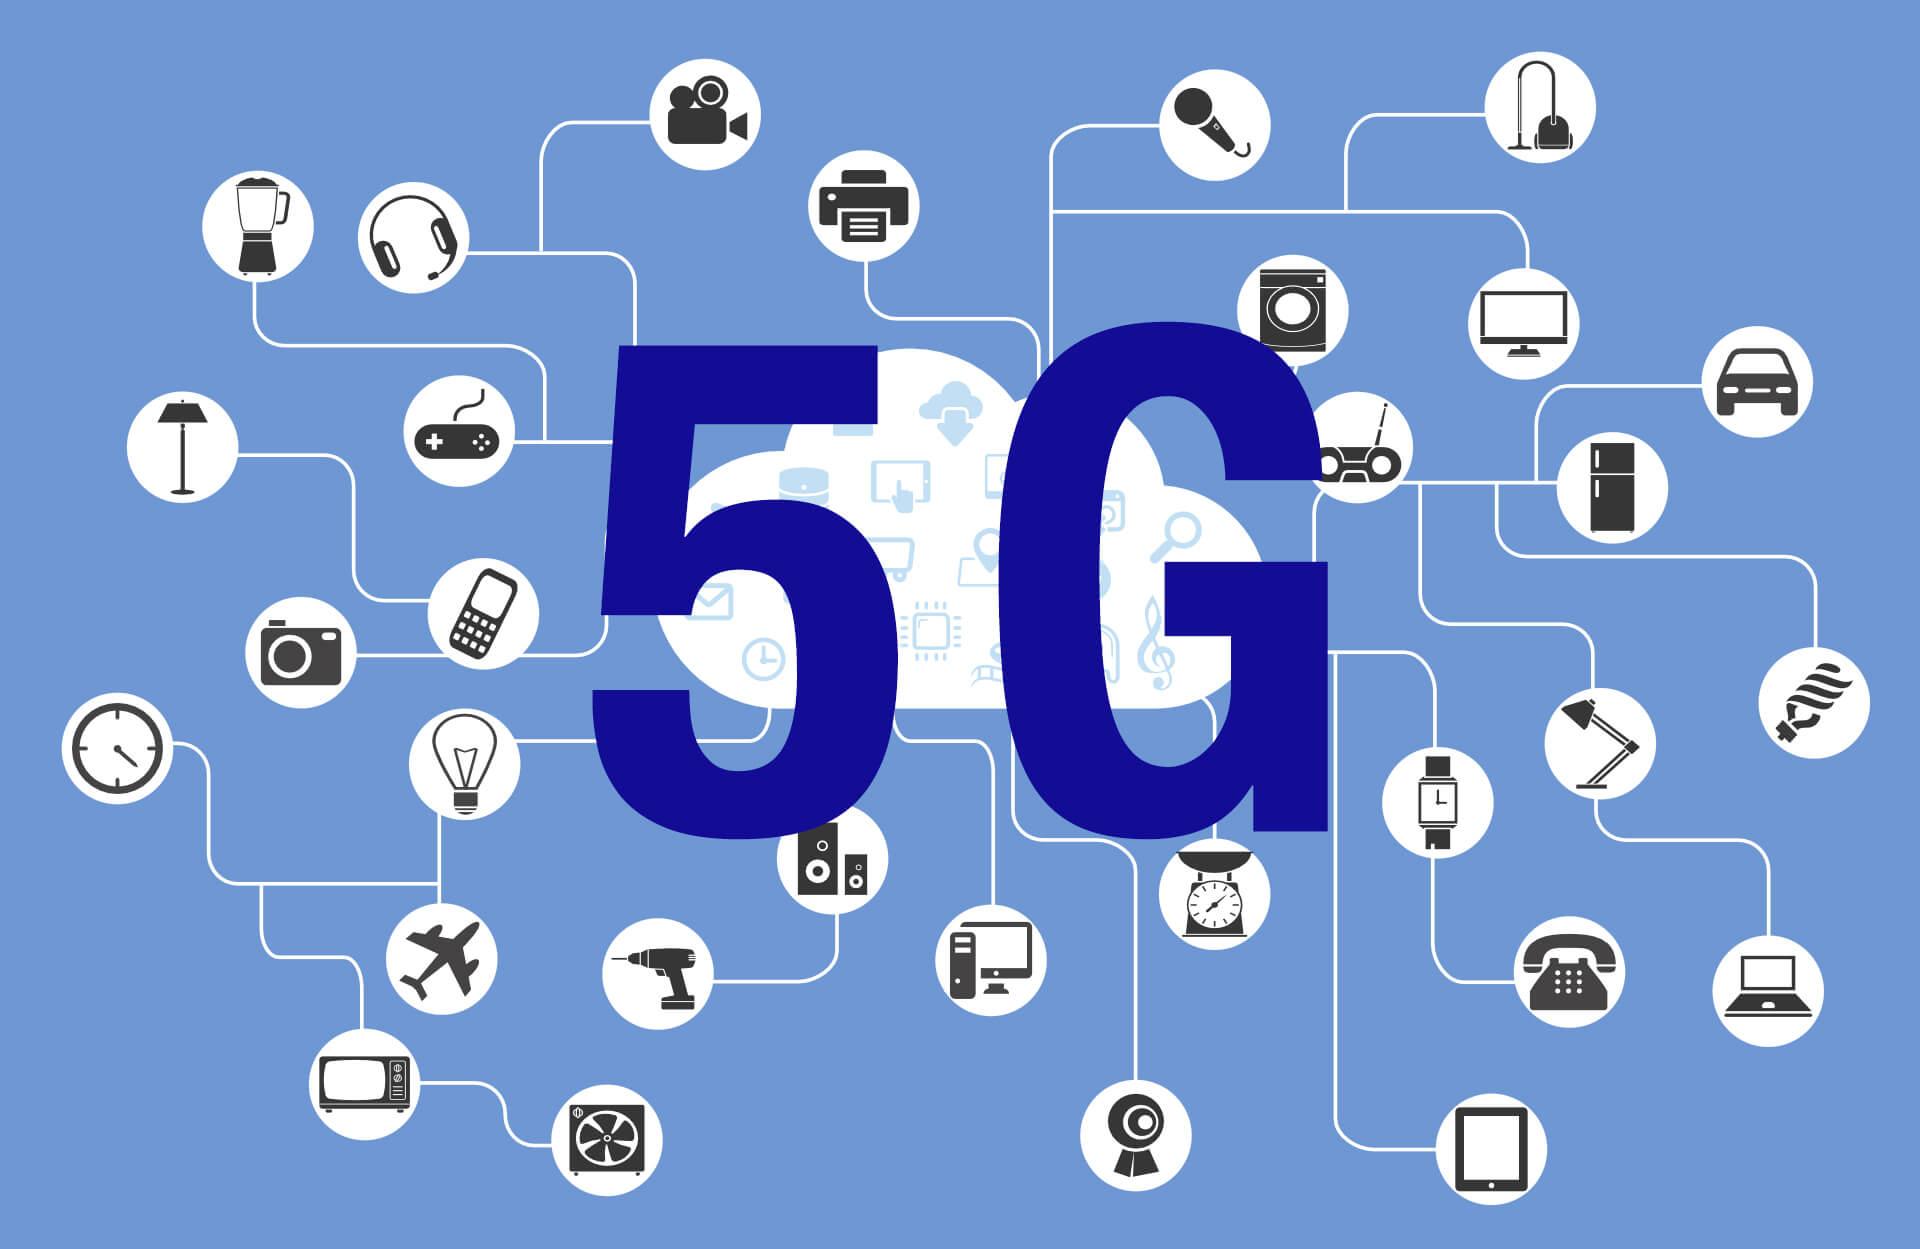 5Gの基礎知識 | 5Gが生み出す新しいビジネスとサービス